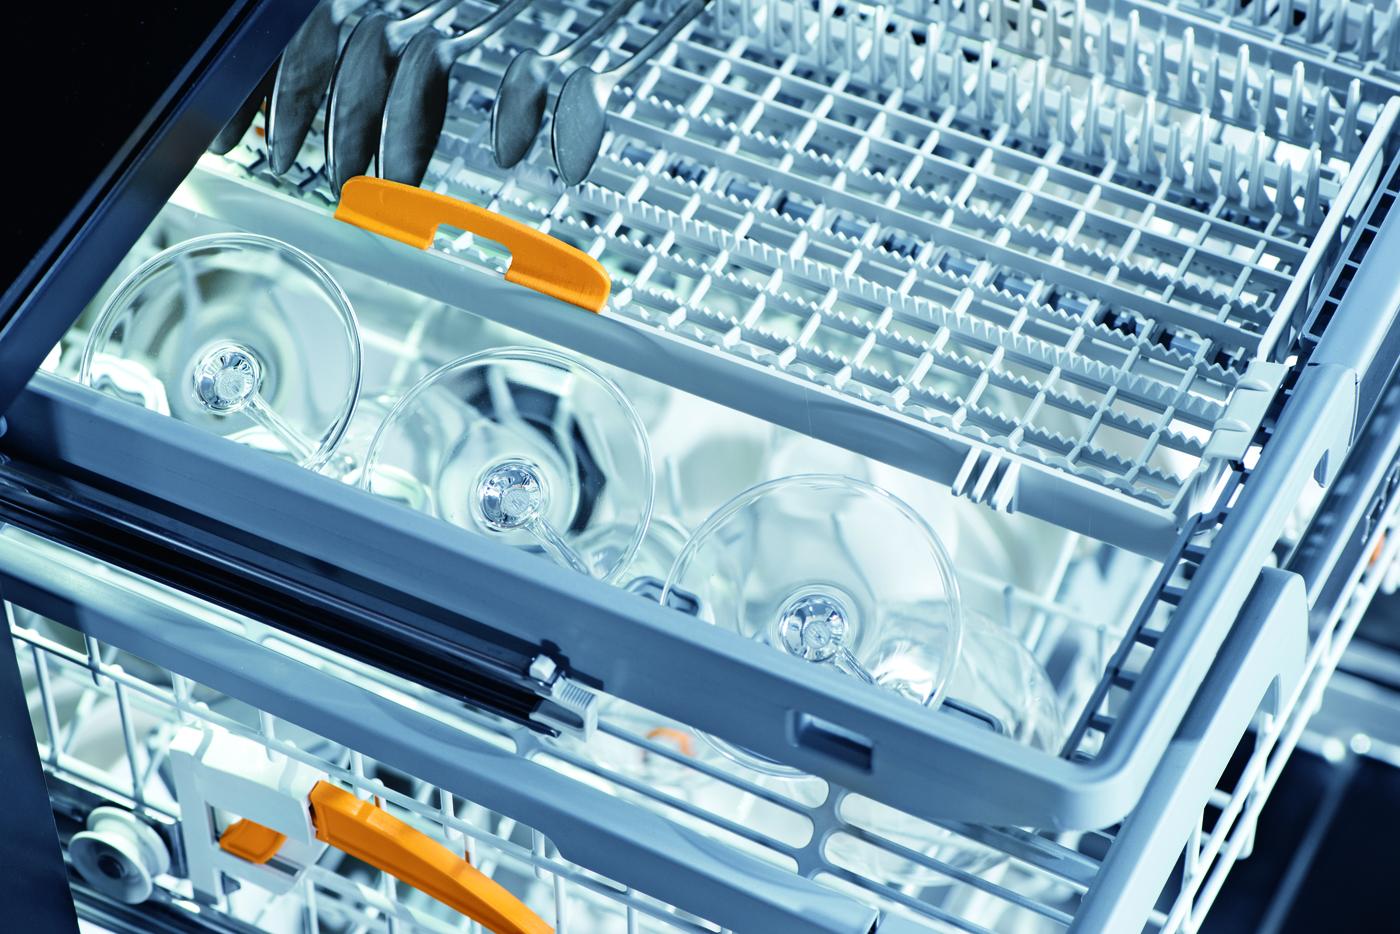 Quel Est Le Temps De Lavage D Un Lave Vaisselle quel est le lave-vaisselle idéal pour vous ? – inspiredmiele